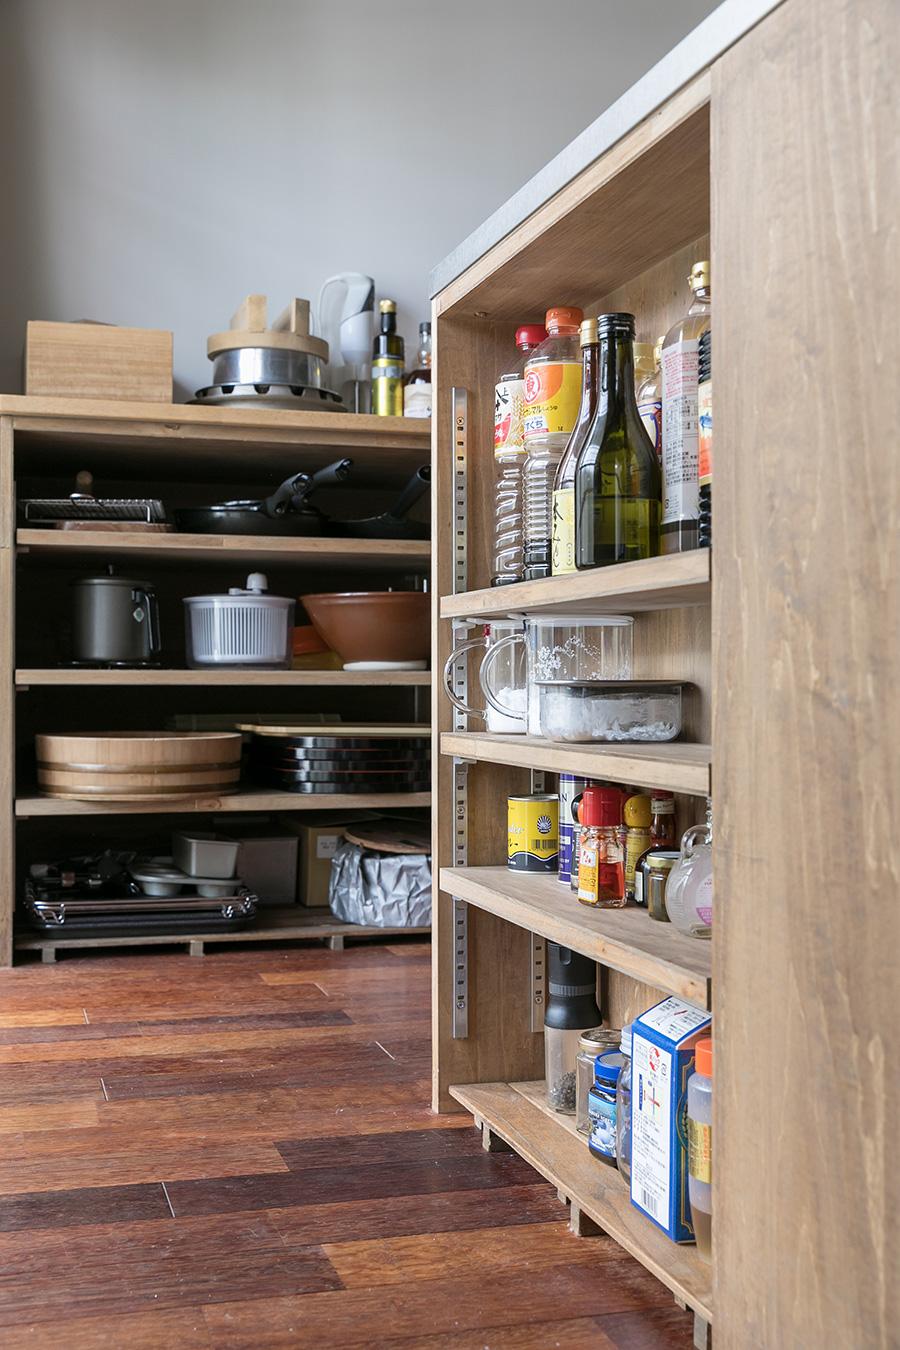 調味料はアイランドキッチンのサイドに棚を作って収納。真似したいアイディア!